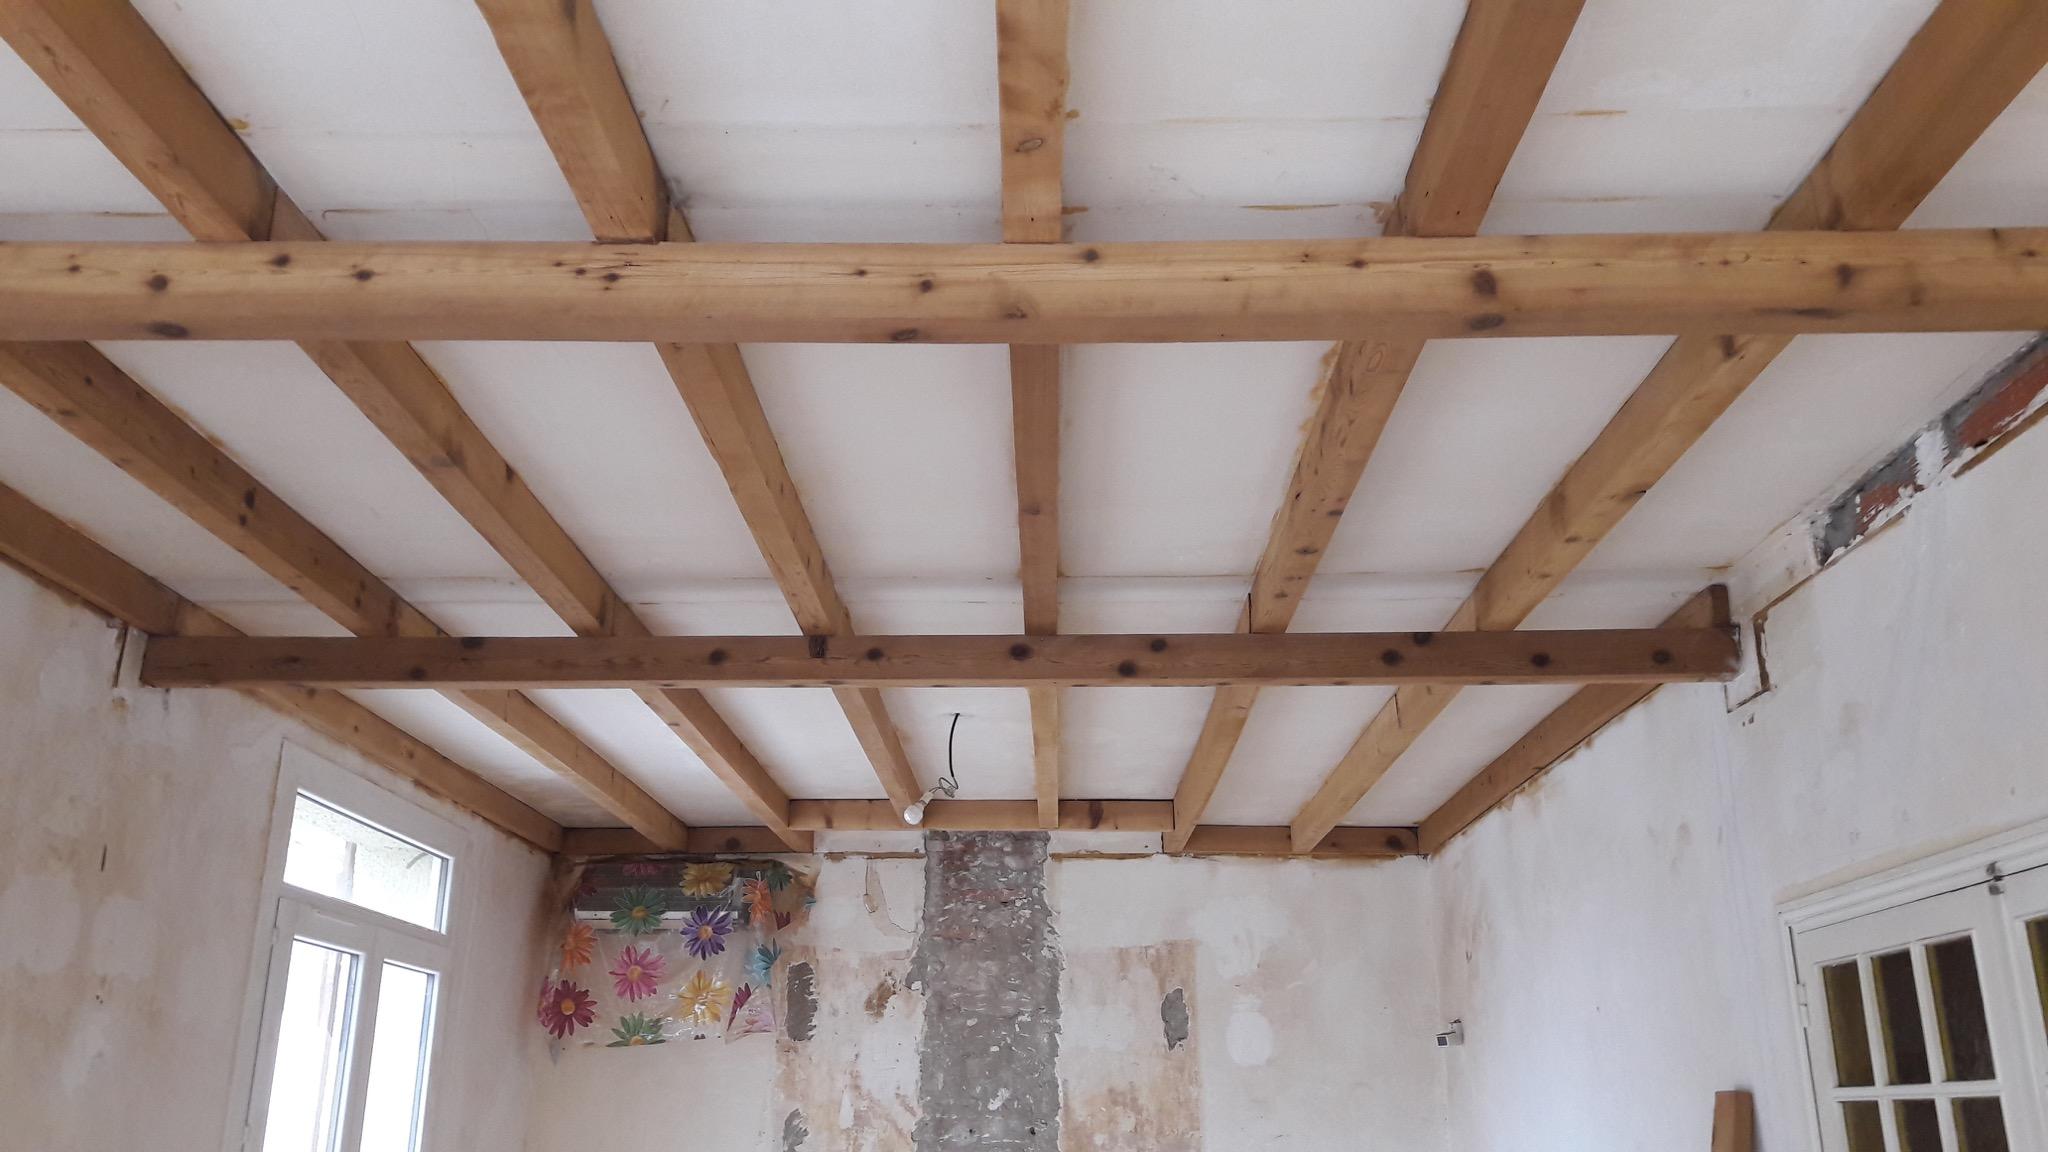 Comment Poncer Des Poutres Rapidement résolu : peindre ou lasurer des poutres en bois - communauté